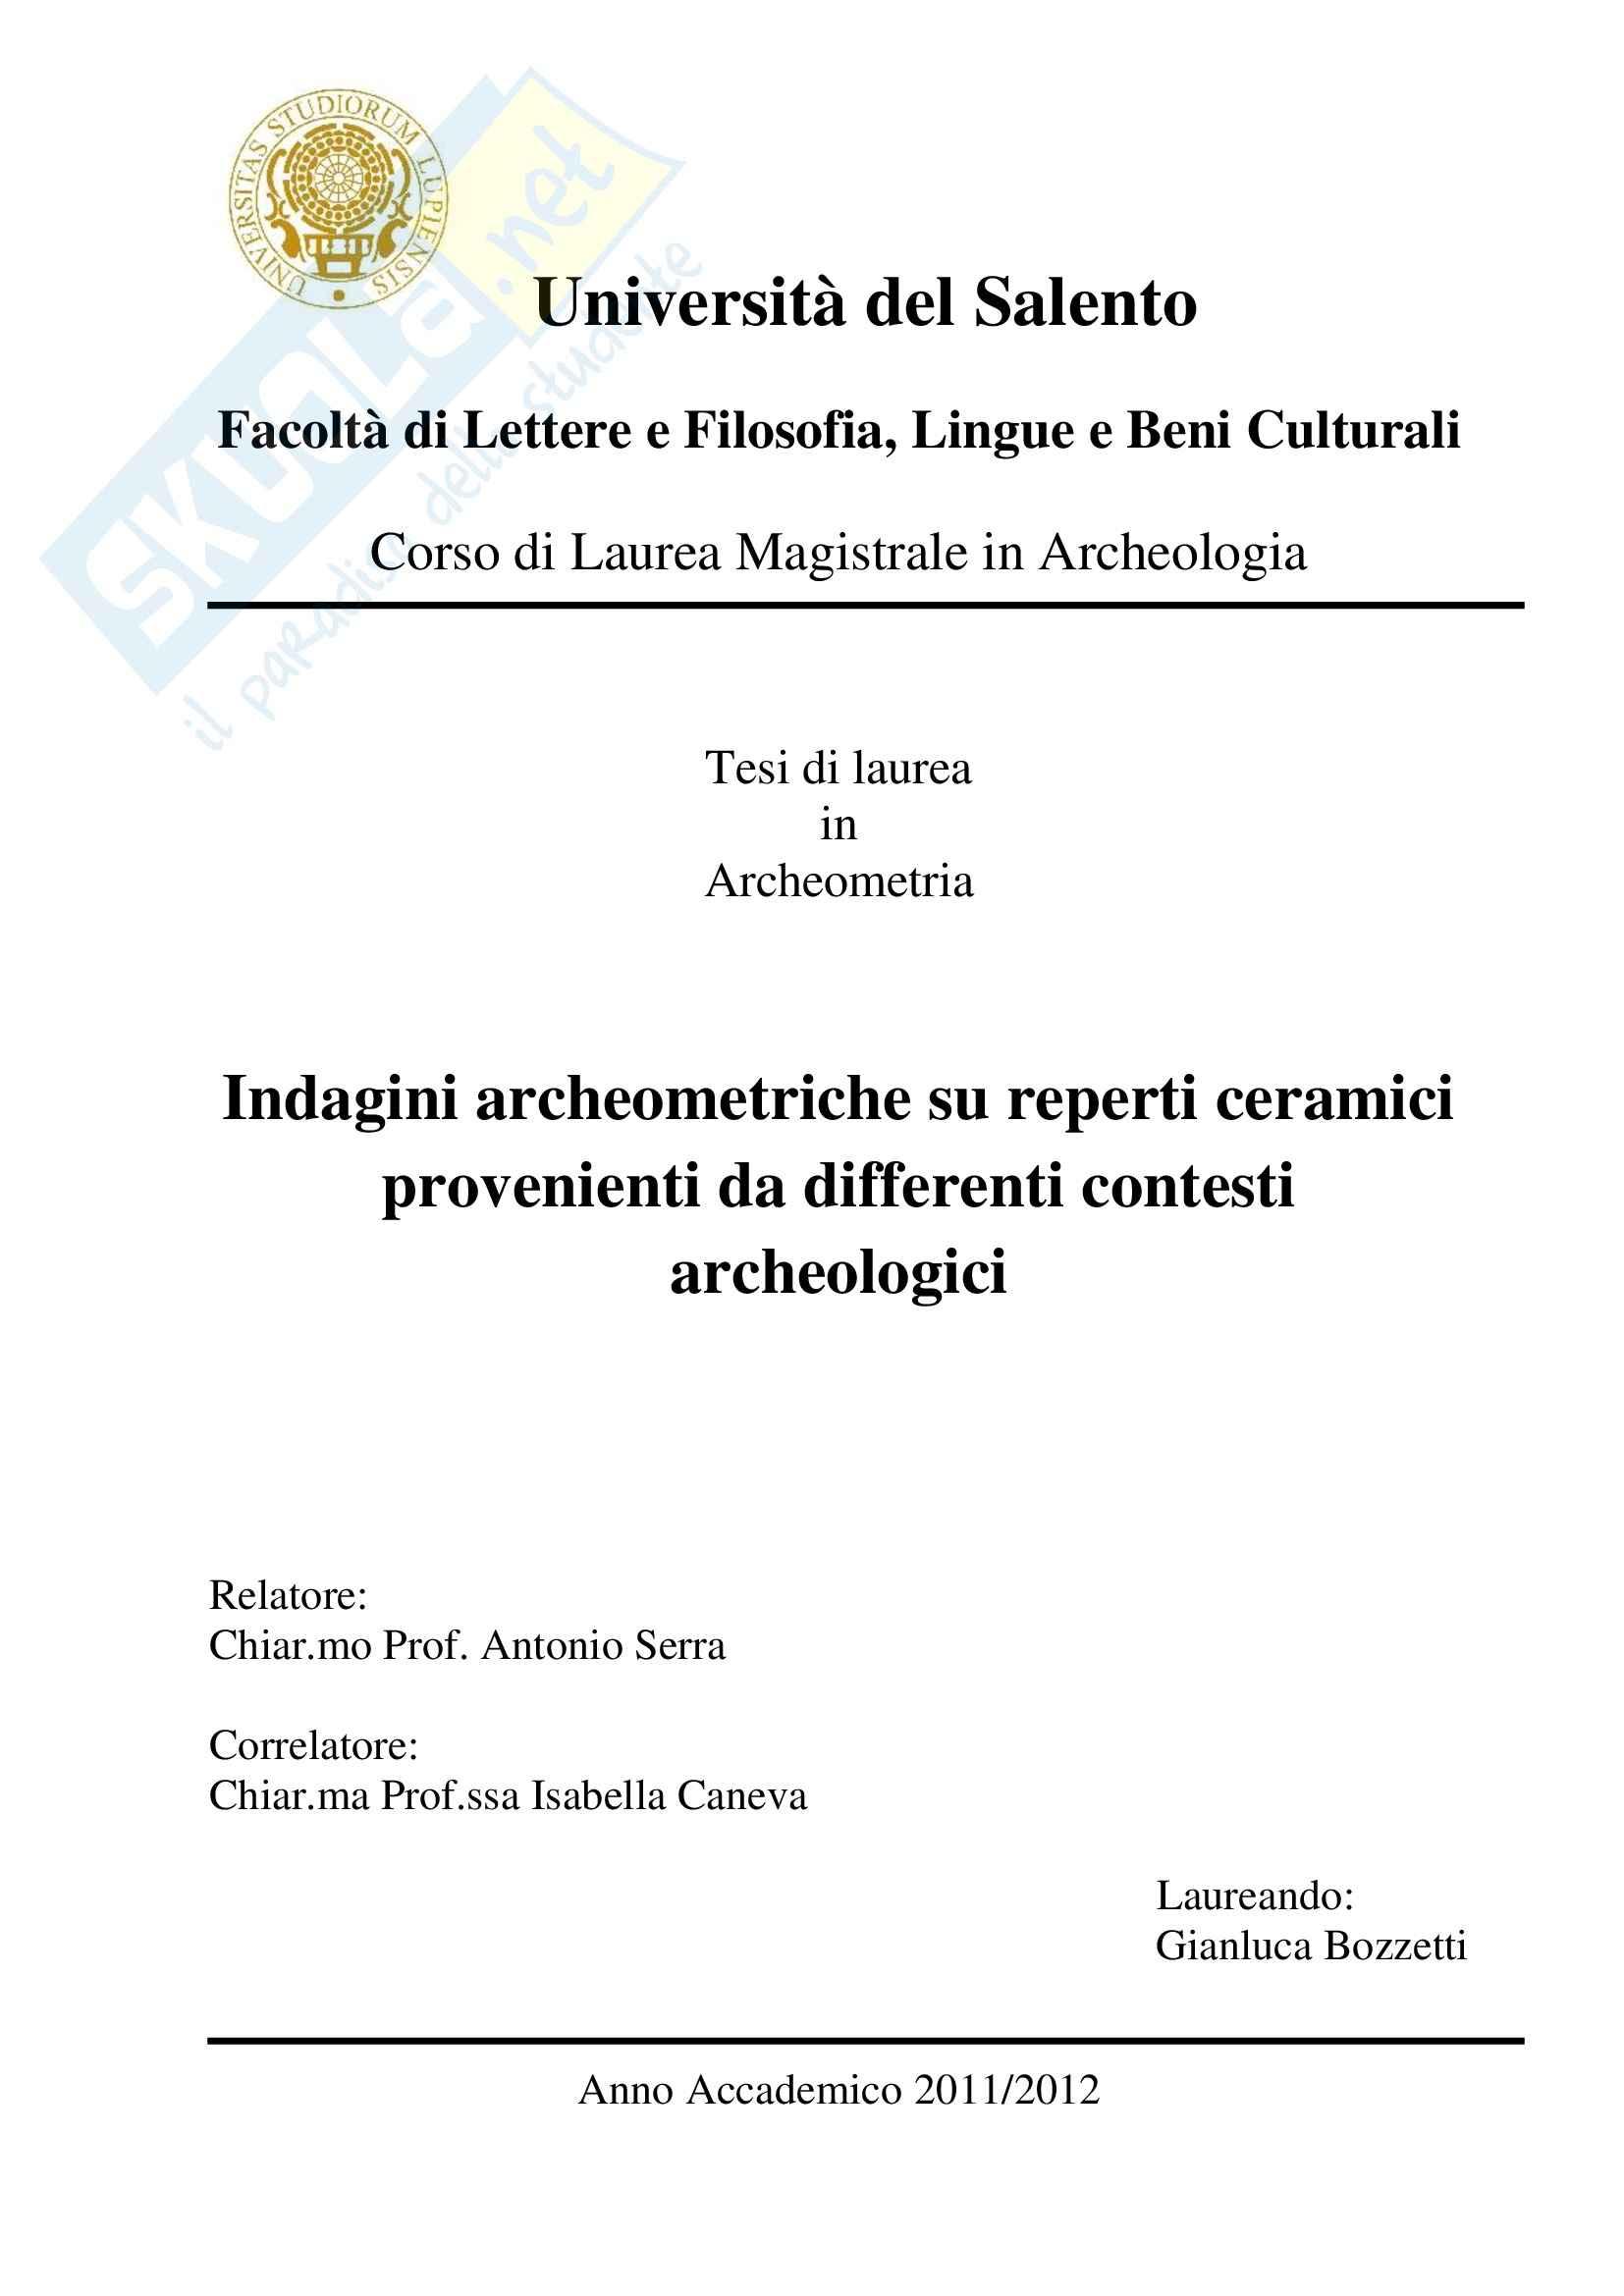 Indagini archeometriche su reperti ceramici provenienti da differenti contesti archeologici, Tesi Mag. Archeometria